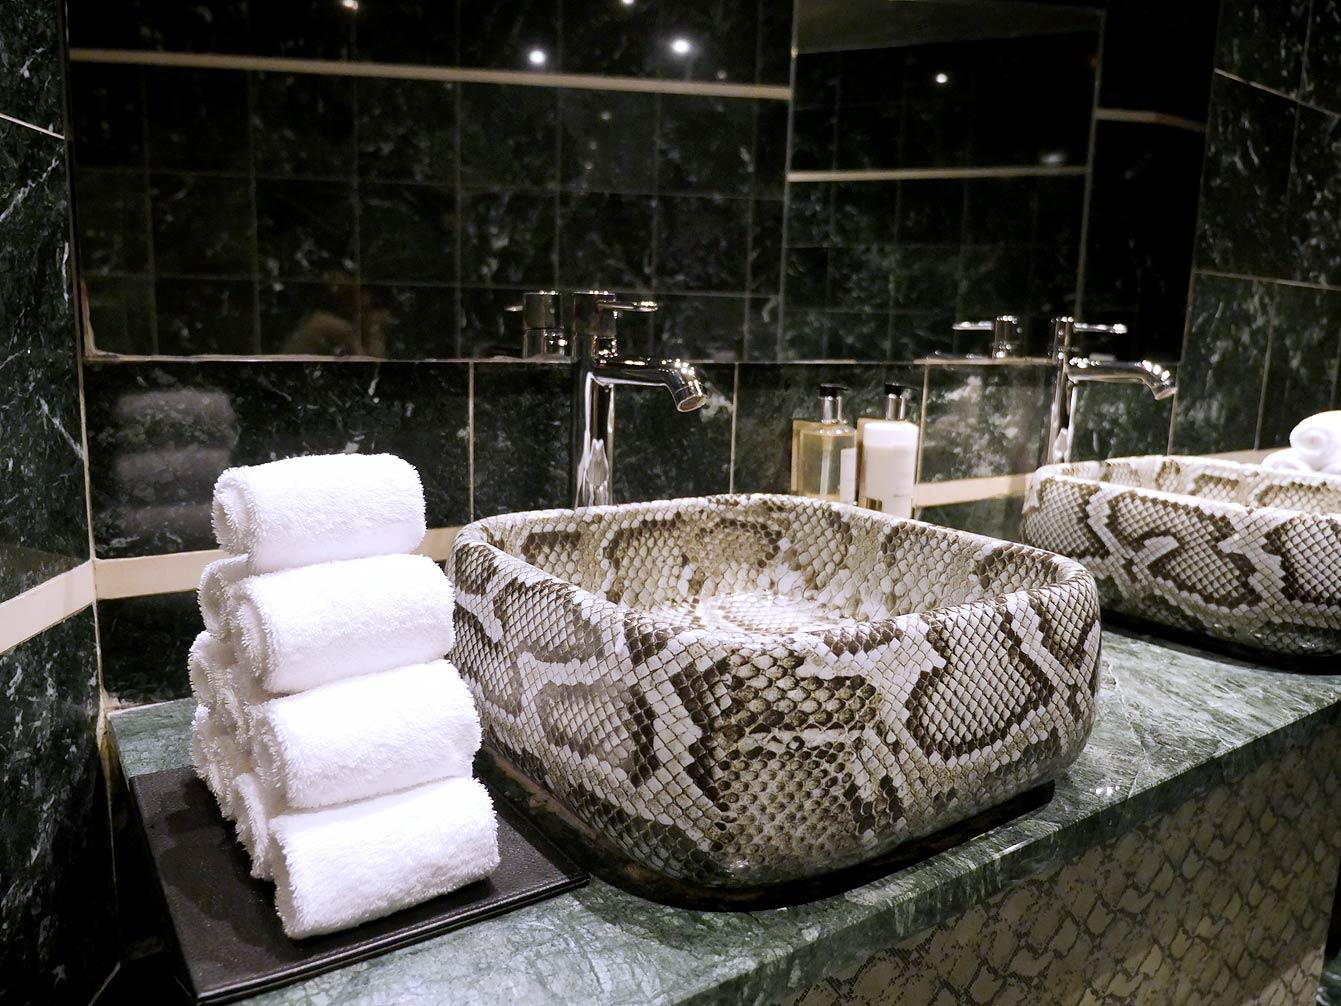 hotel-banke-josefin-toilettes2